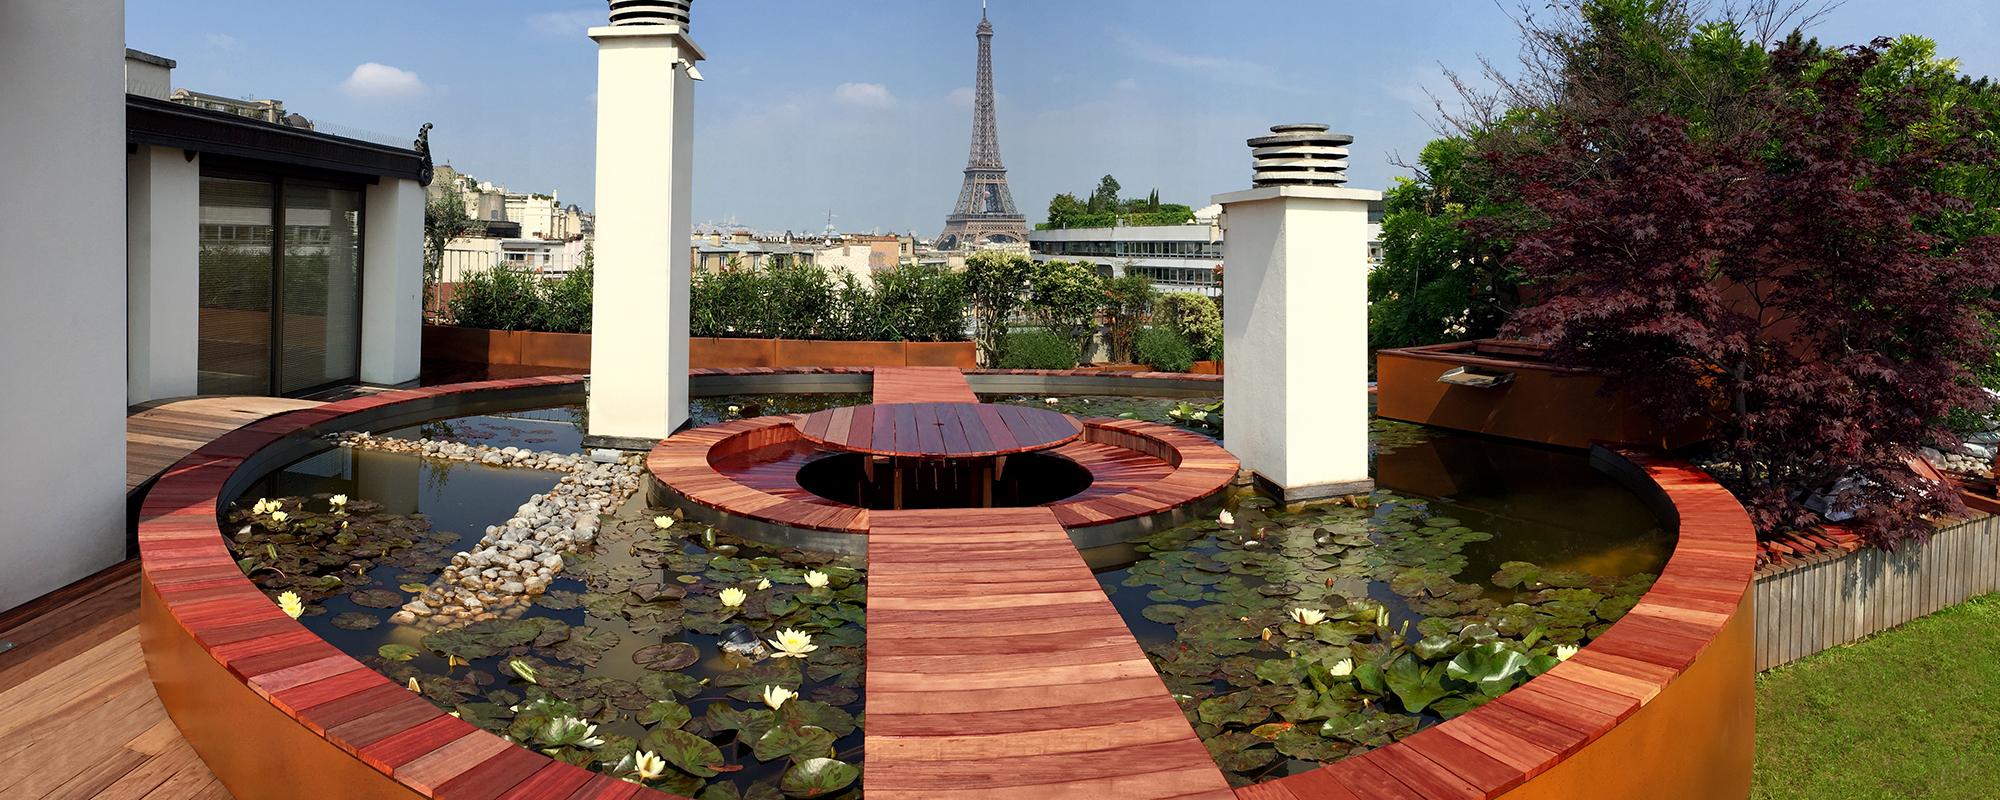 architecte paysagiste paris 15 paris 16 paris 7. Black Bedroom Furniture Sets. Home Design Ideas